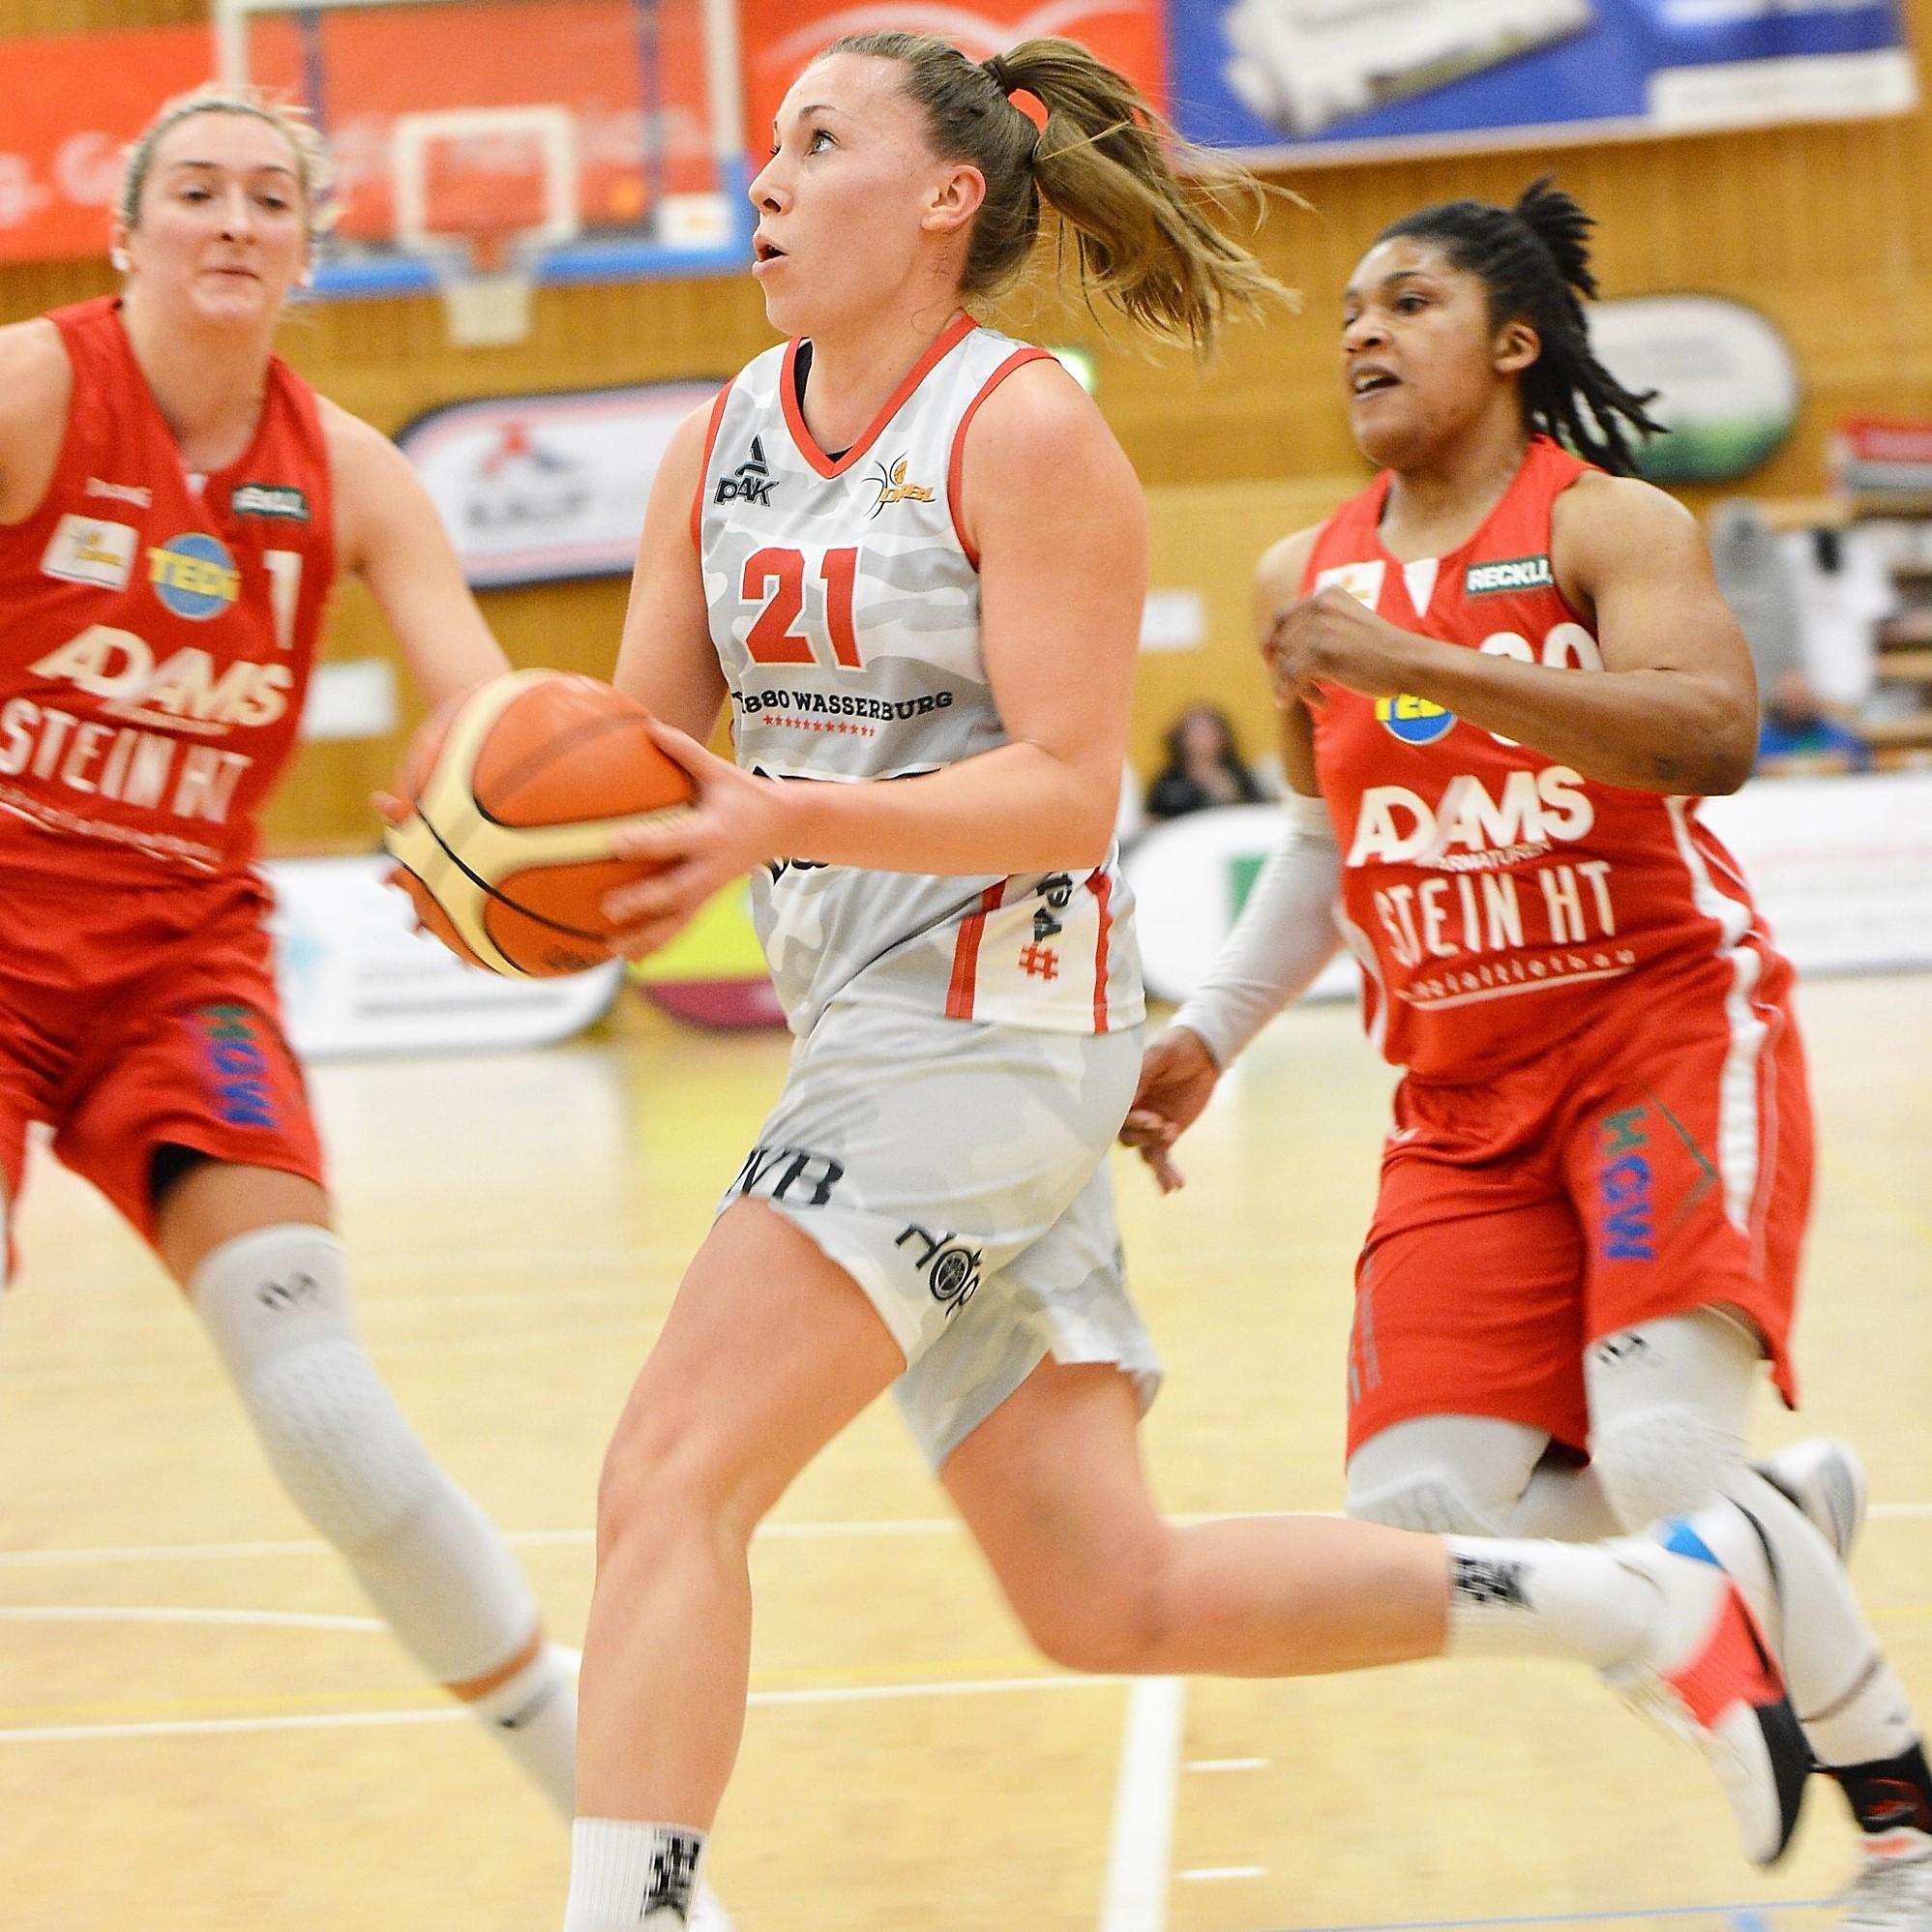 Interview mit Svenja Brunckhorst – Basketball-Profi und Kapitänin der Deutschen Basketball-Nationalmannschaft